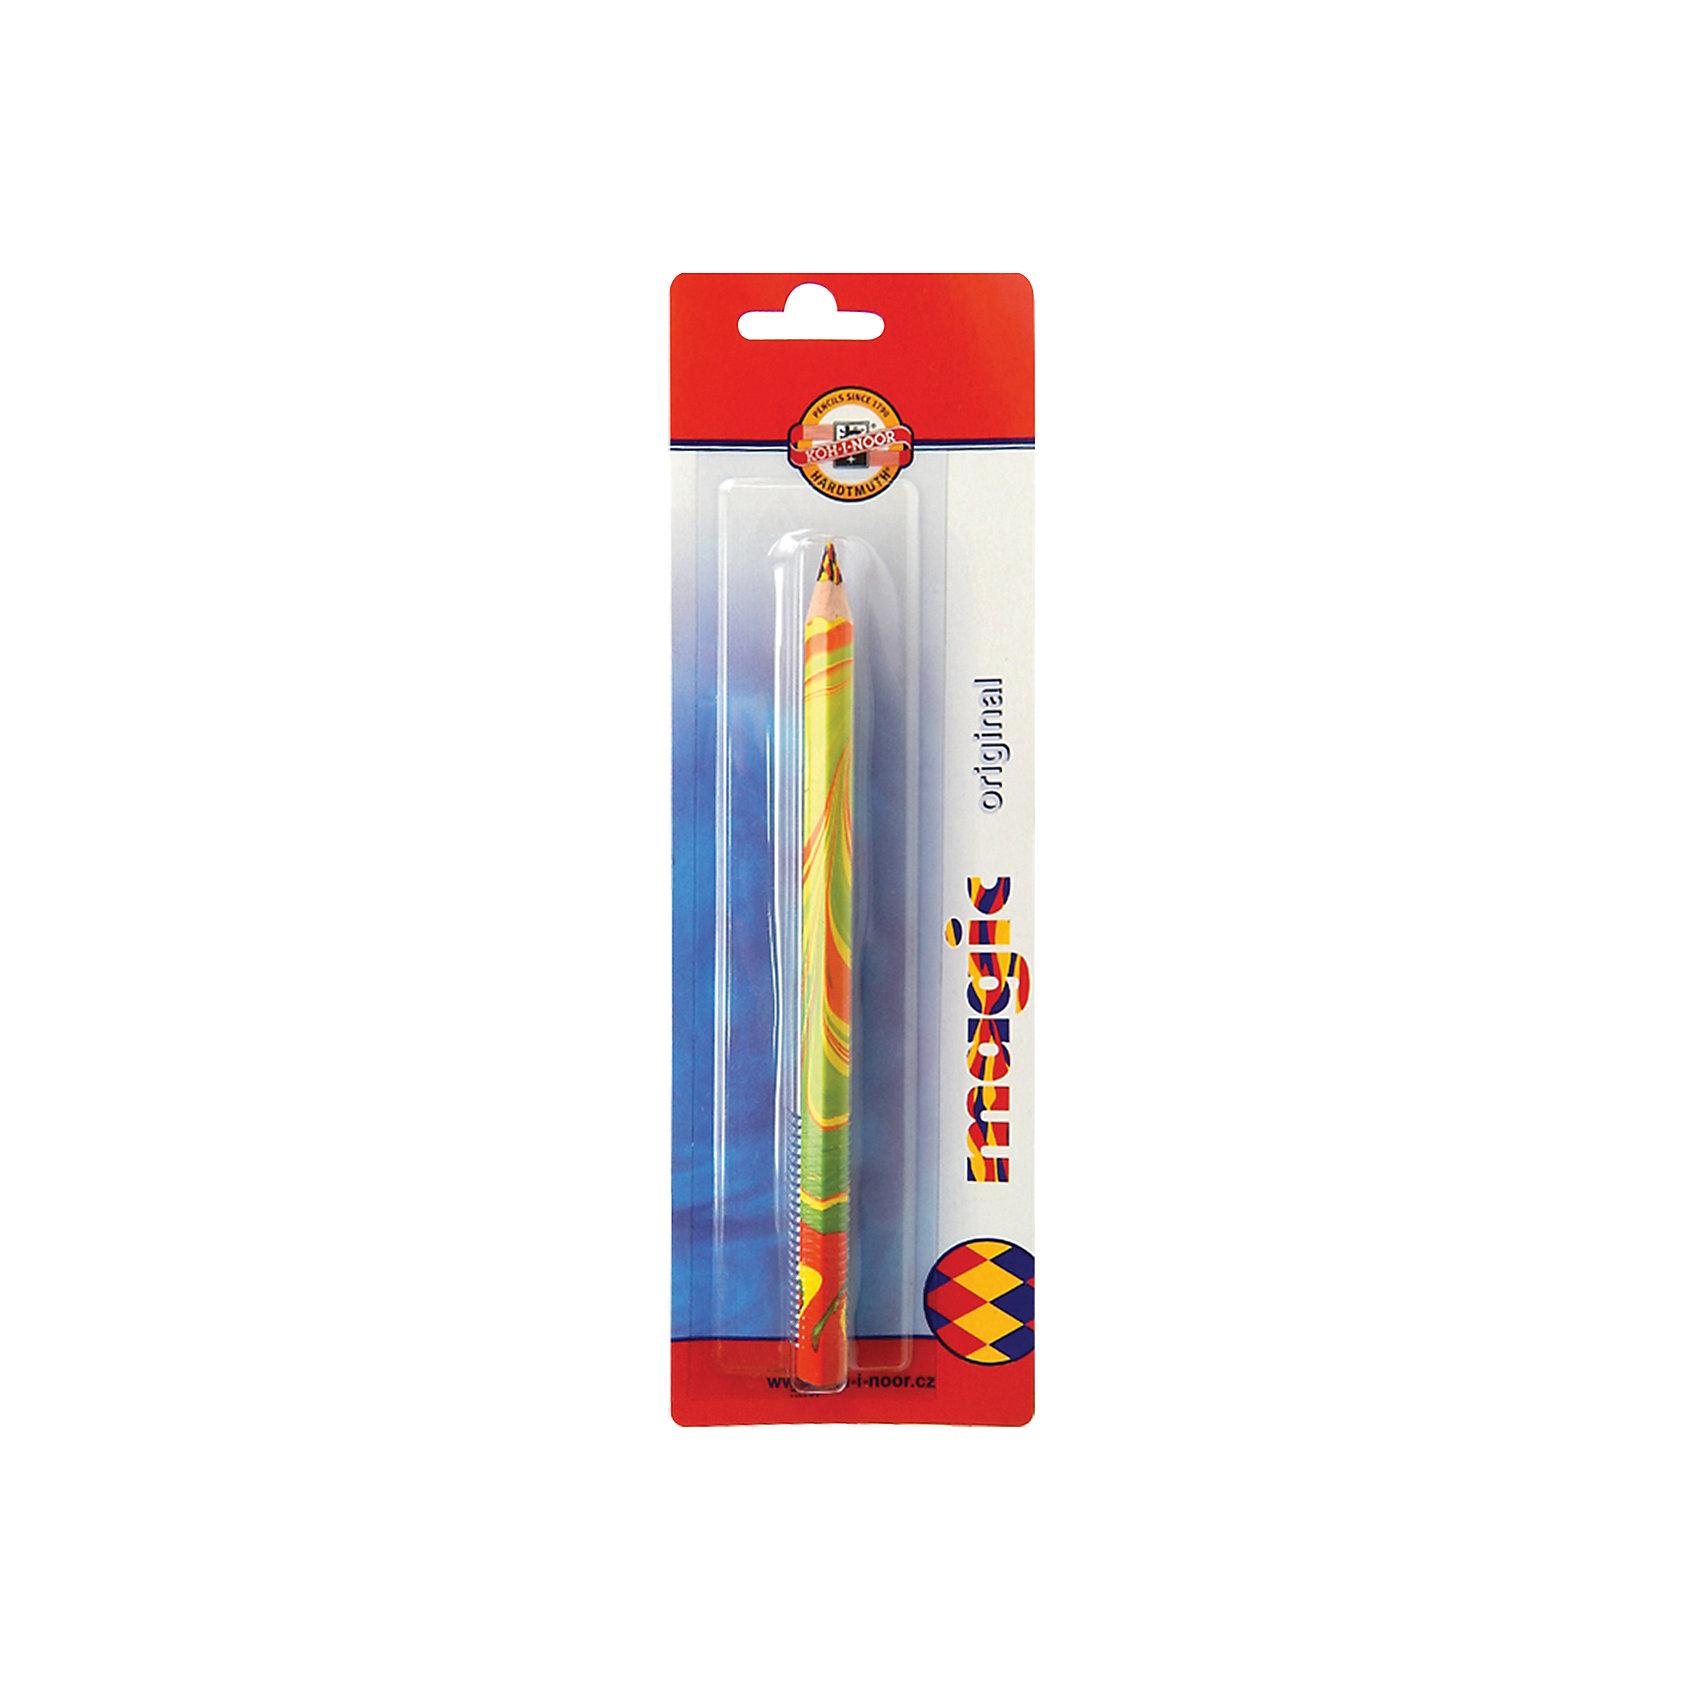 Карандаш с многоцветным грифелем Magic Original, KOH-I-NOORВысококачественный утолщенный карандаш для рисования с многоцветным грифелем. Цвета грифеля - красный, желтый, синий. Лакированный деревянный корпус. Заточен. Шестигранный. <br><br>Дополнительная информация: <br><br>- Диаметр грифеля - 5,6 мм.<br>- Утолщенный (диаметр корпуса - 10 мм). <br>- Размер  упаковки: 1,1х25х8 см.<br>- Вес в упаковке: 20 г.<br><br>Карандаш с многоцветным грифелем Magic Original можно купить в нашем магазине.<br><br>Ширина мм: 11<br>Глубина мм: 250<br>Высота мм: 80<br>Вес г: 20<br>Возраст от месяцев: 72<br>Возраст до месяцев: 2147483647<br>Пол: Унисекс<br>Возраст: Детский<br>SKU: 4792663